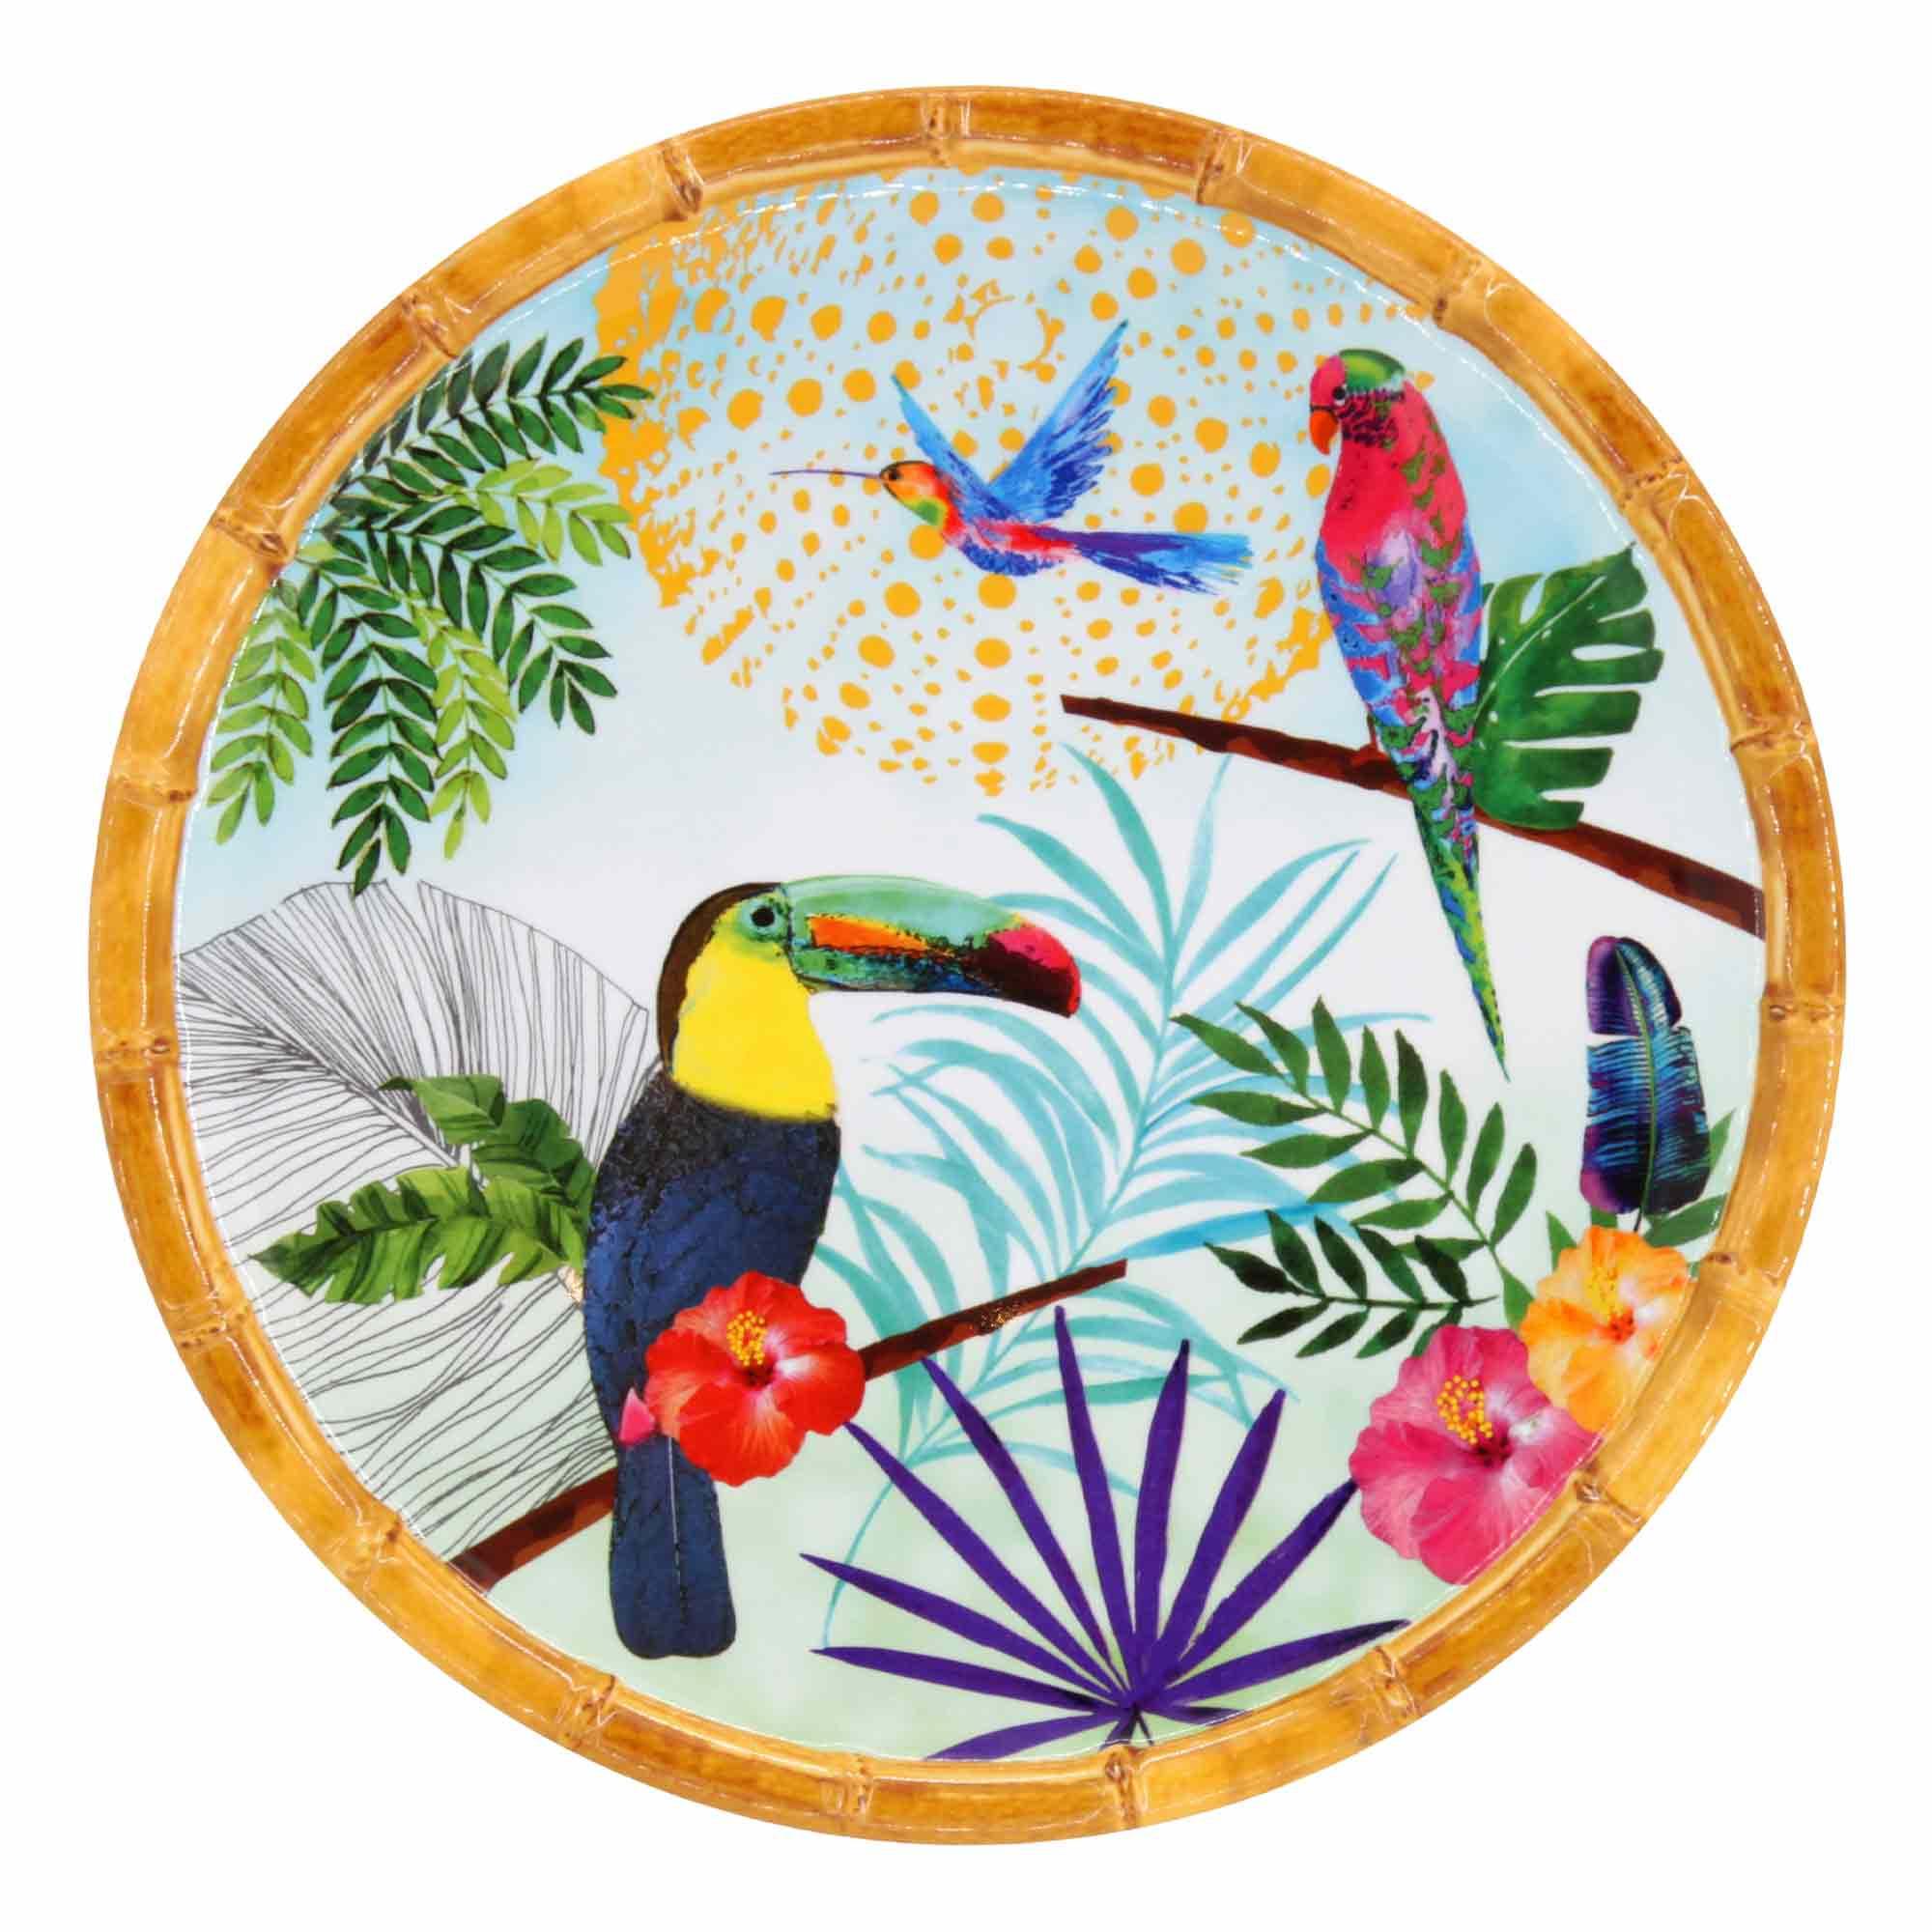 Petite assiette plate en mélamine 23 cm imprimé toucans de Rio